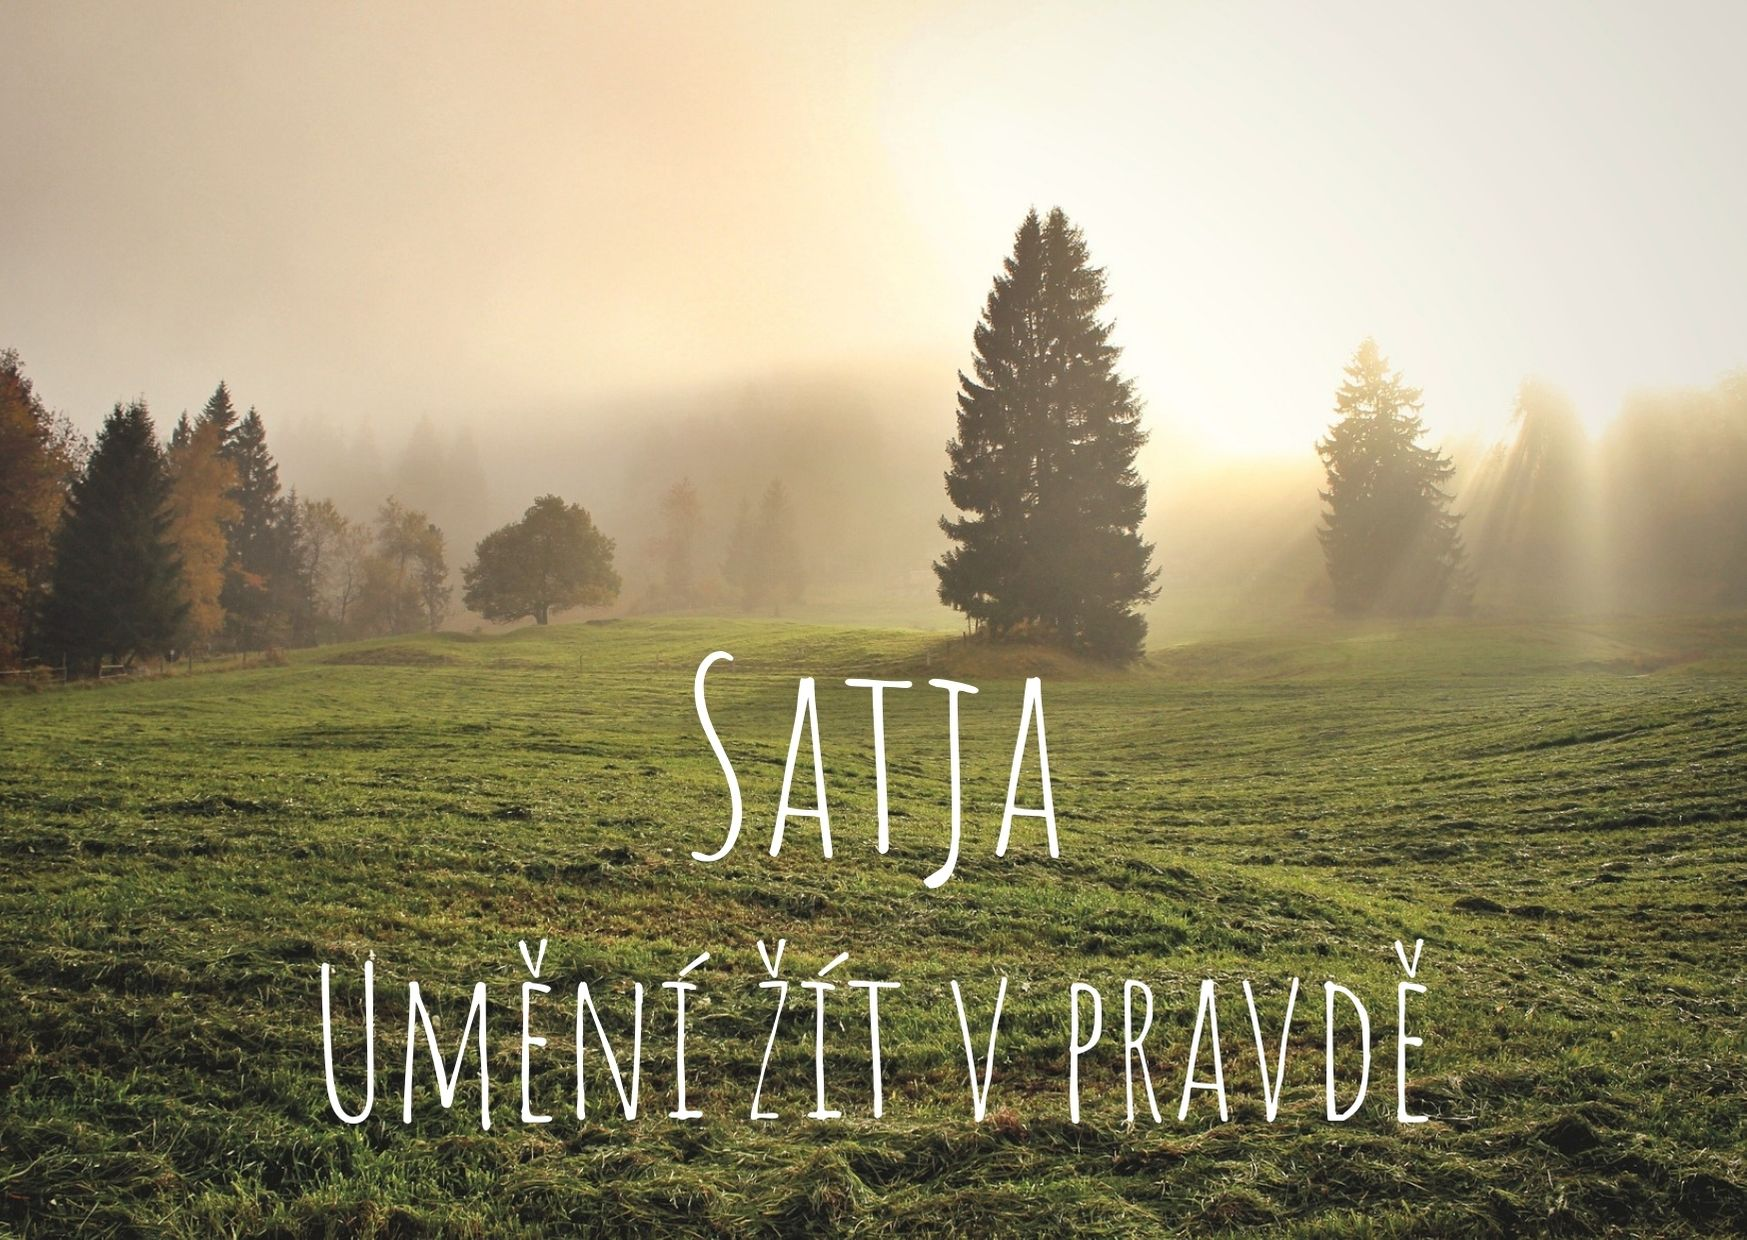 Satja